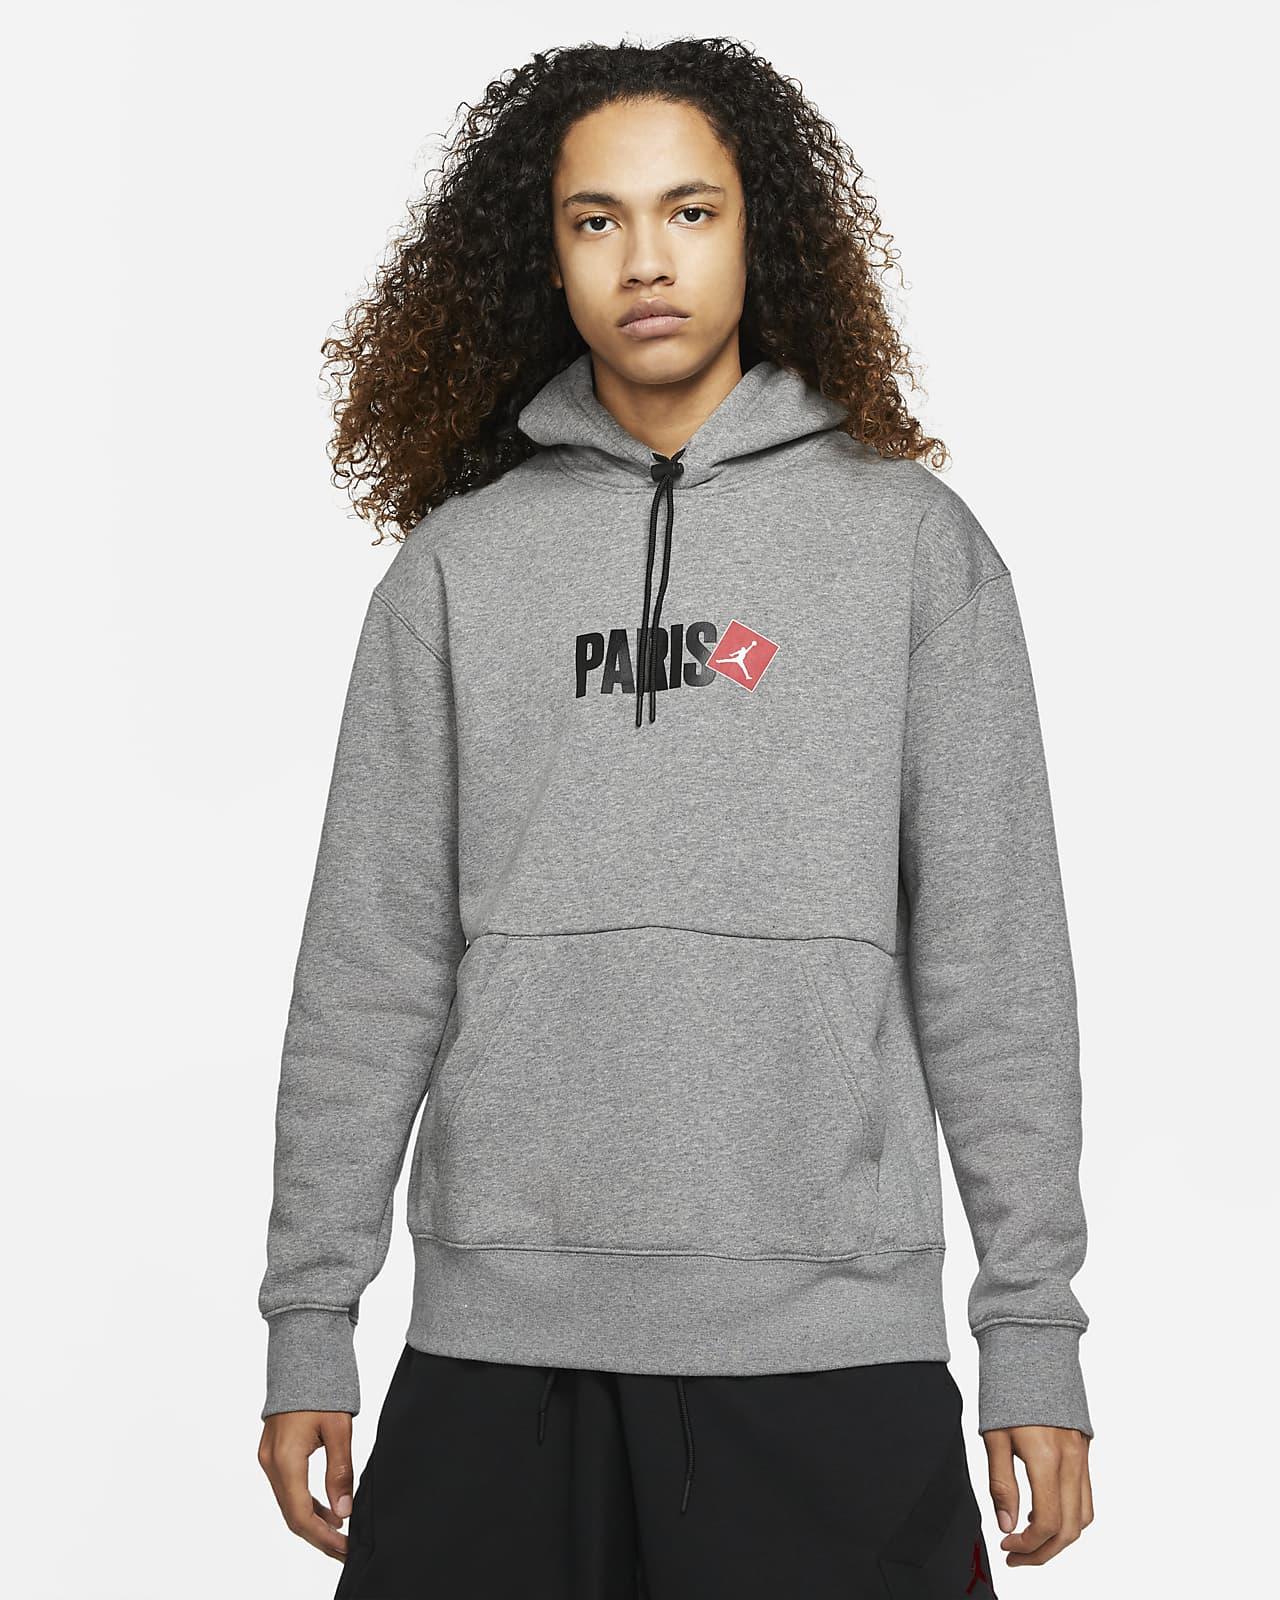 Męska bluza z kapturem Jordan Paris